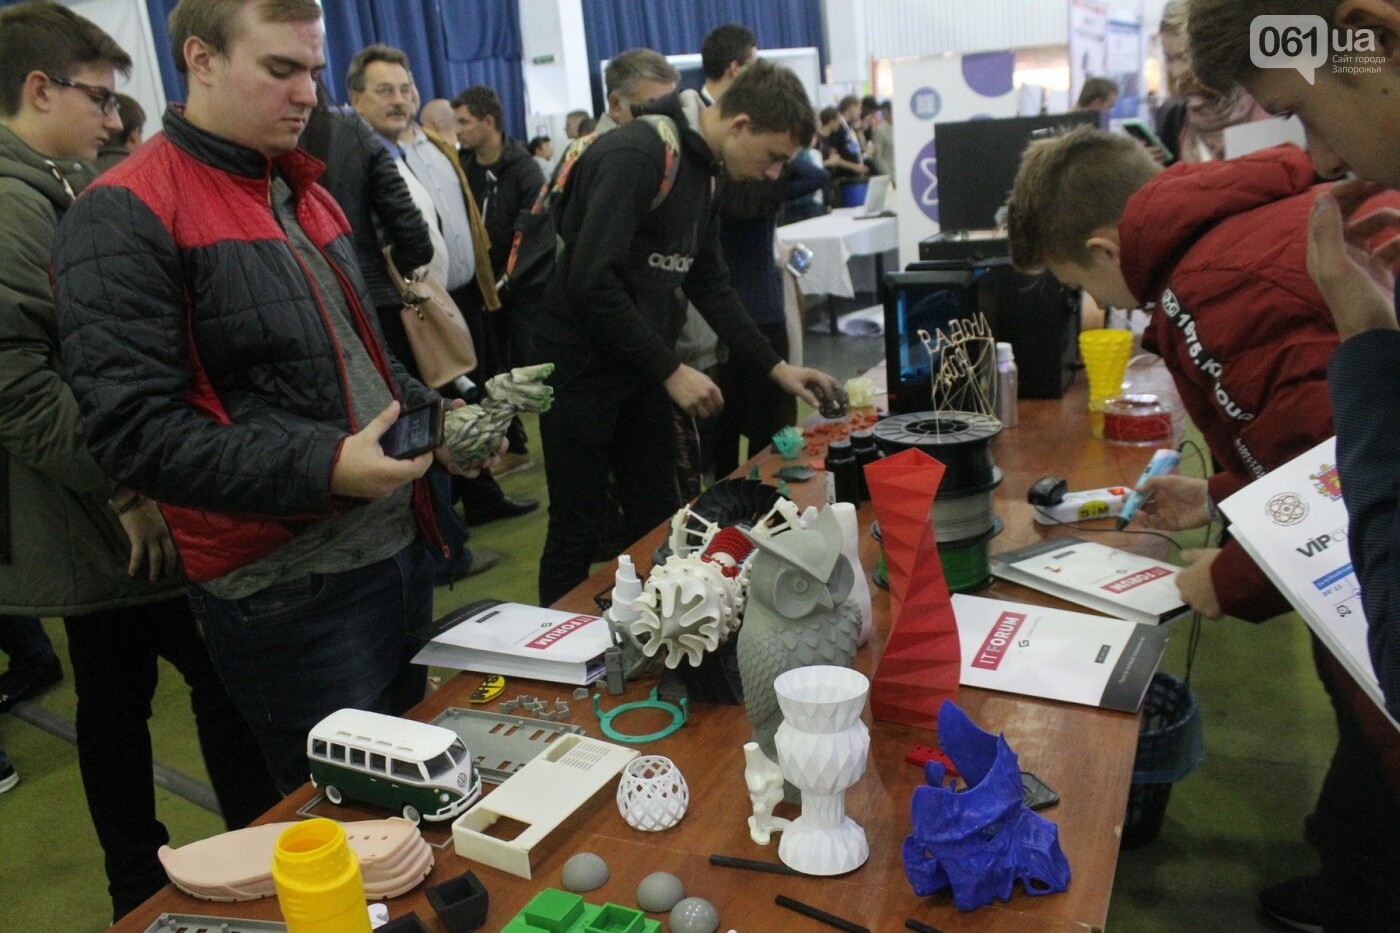 Роботы, киберспорт и спикеры-иностранцы: в Запорожье начался International IT Forum, – ФОТОРЕПОРТАЖ, фото-35